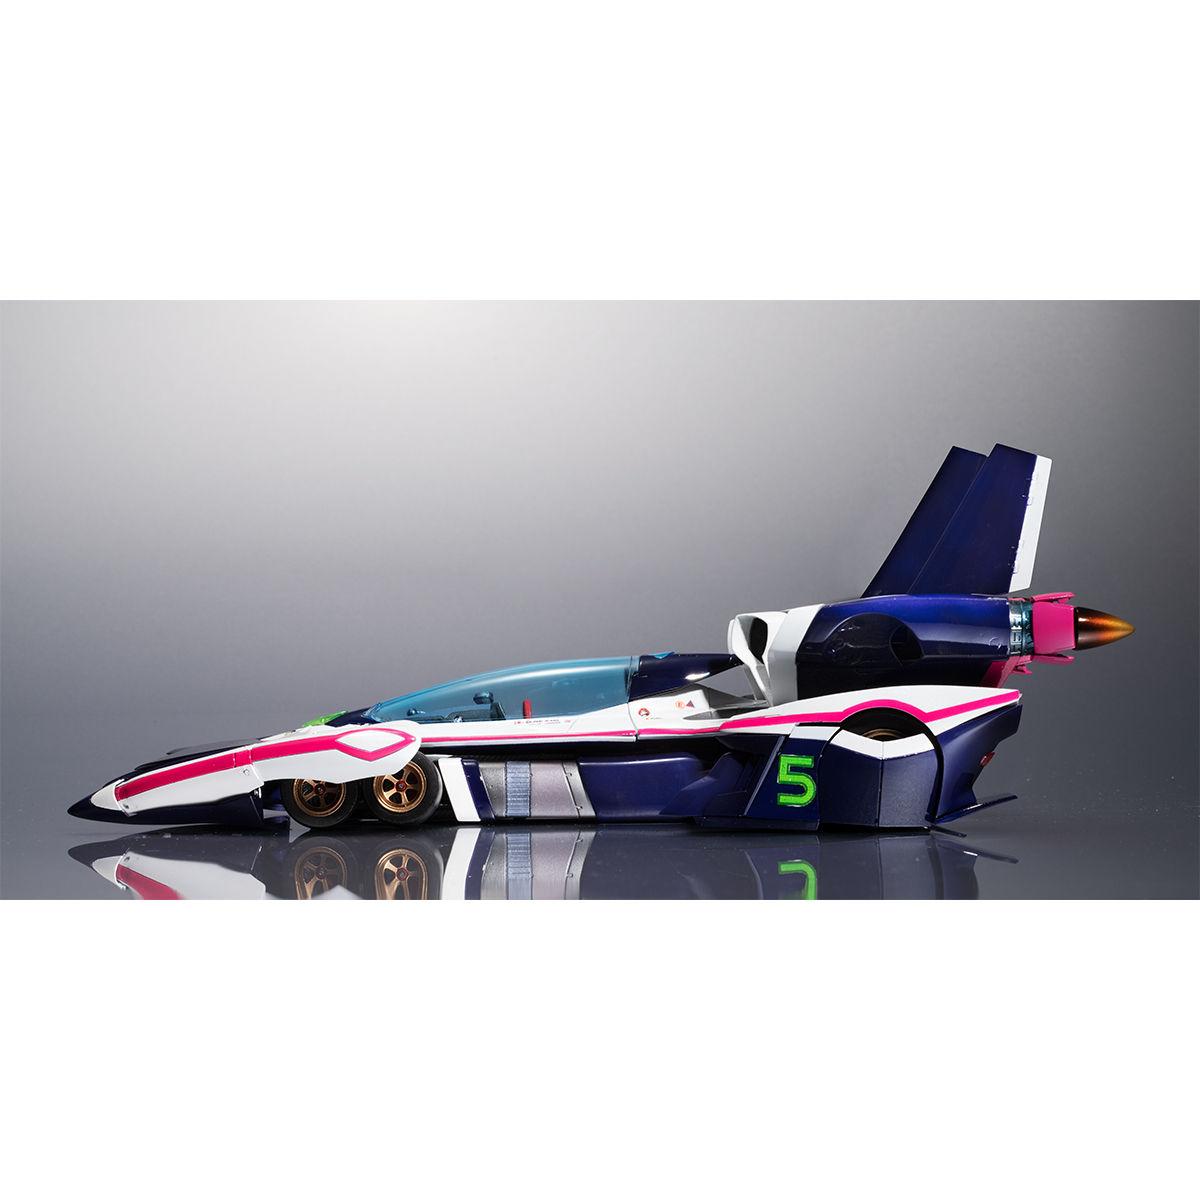 ヴァリアブルアクション Hi-SPEC『凰呀 AN-21』新世紀GPXサイバーフォーミュラ 1/18 可動モデル-009